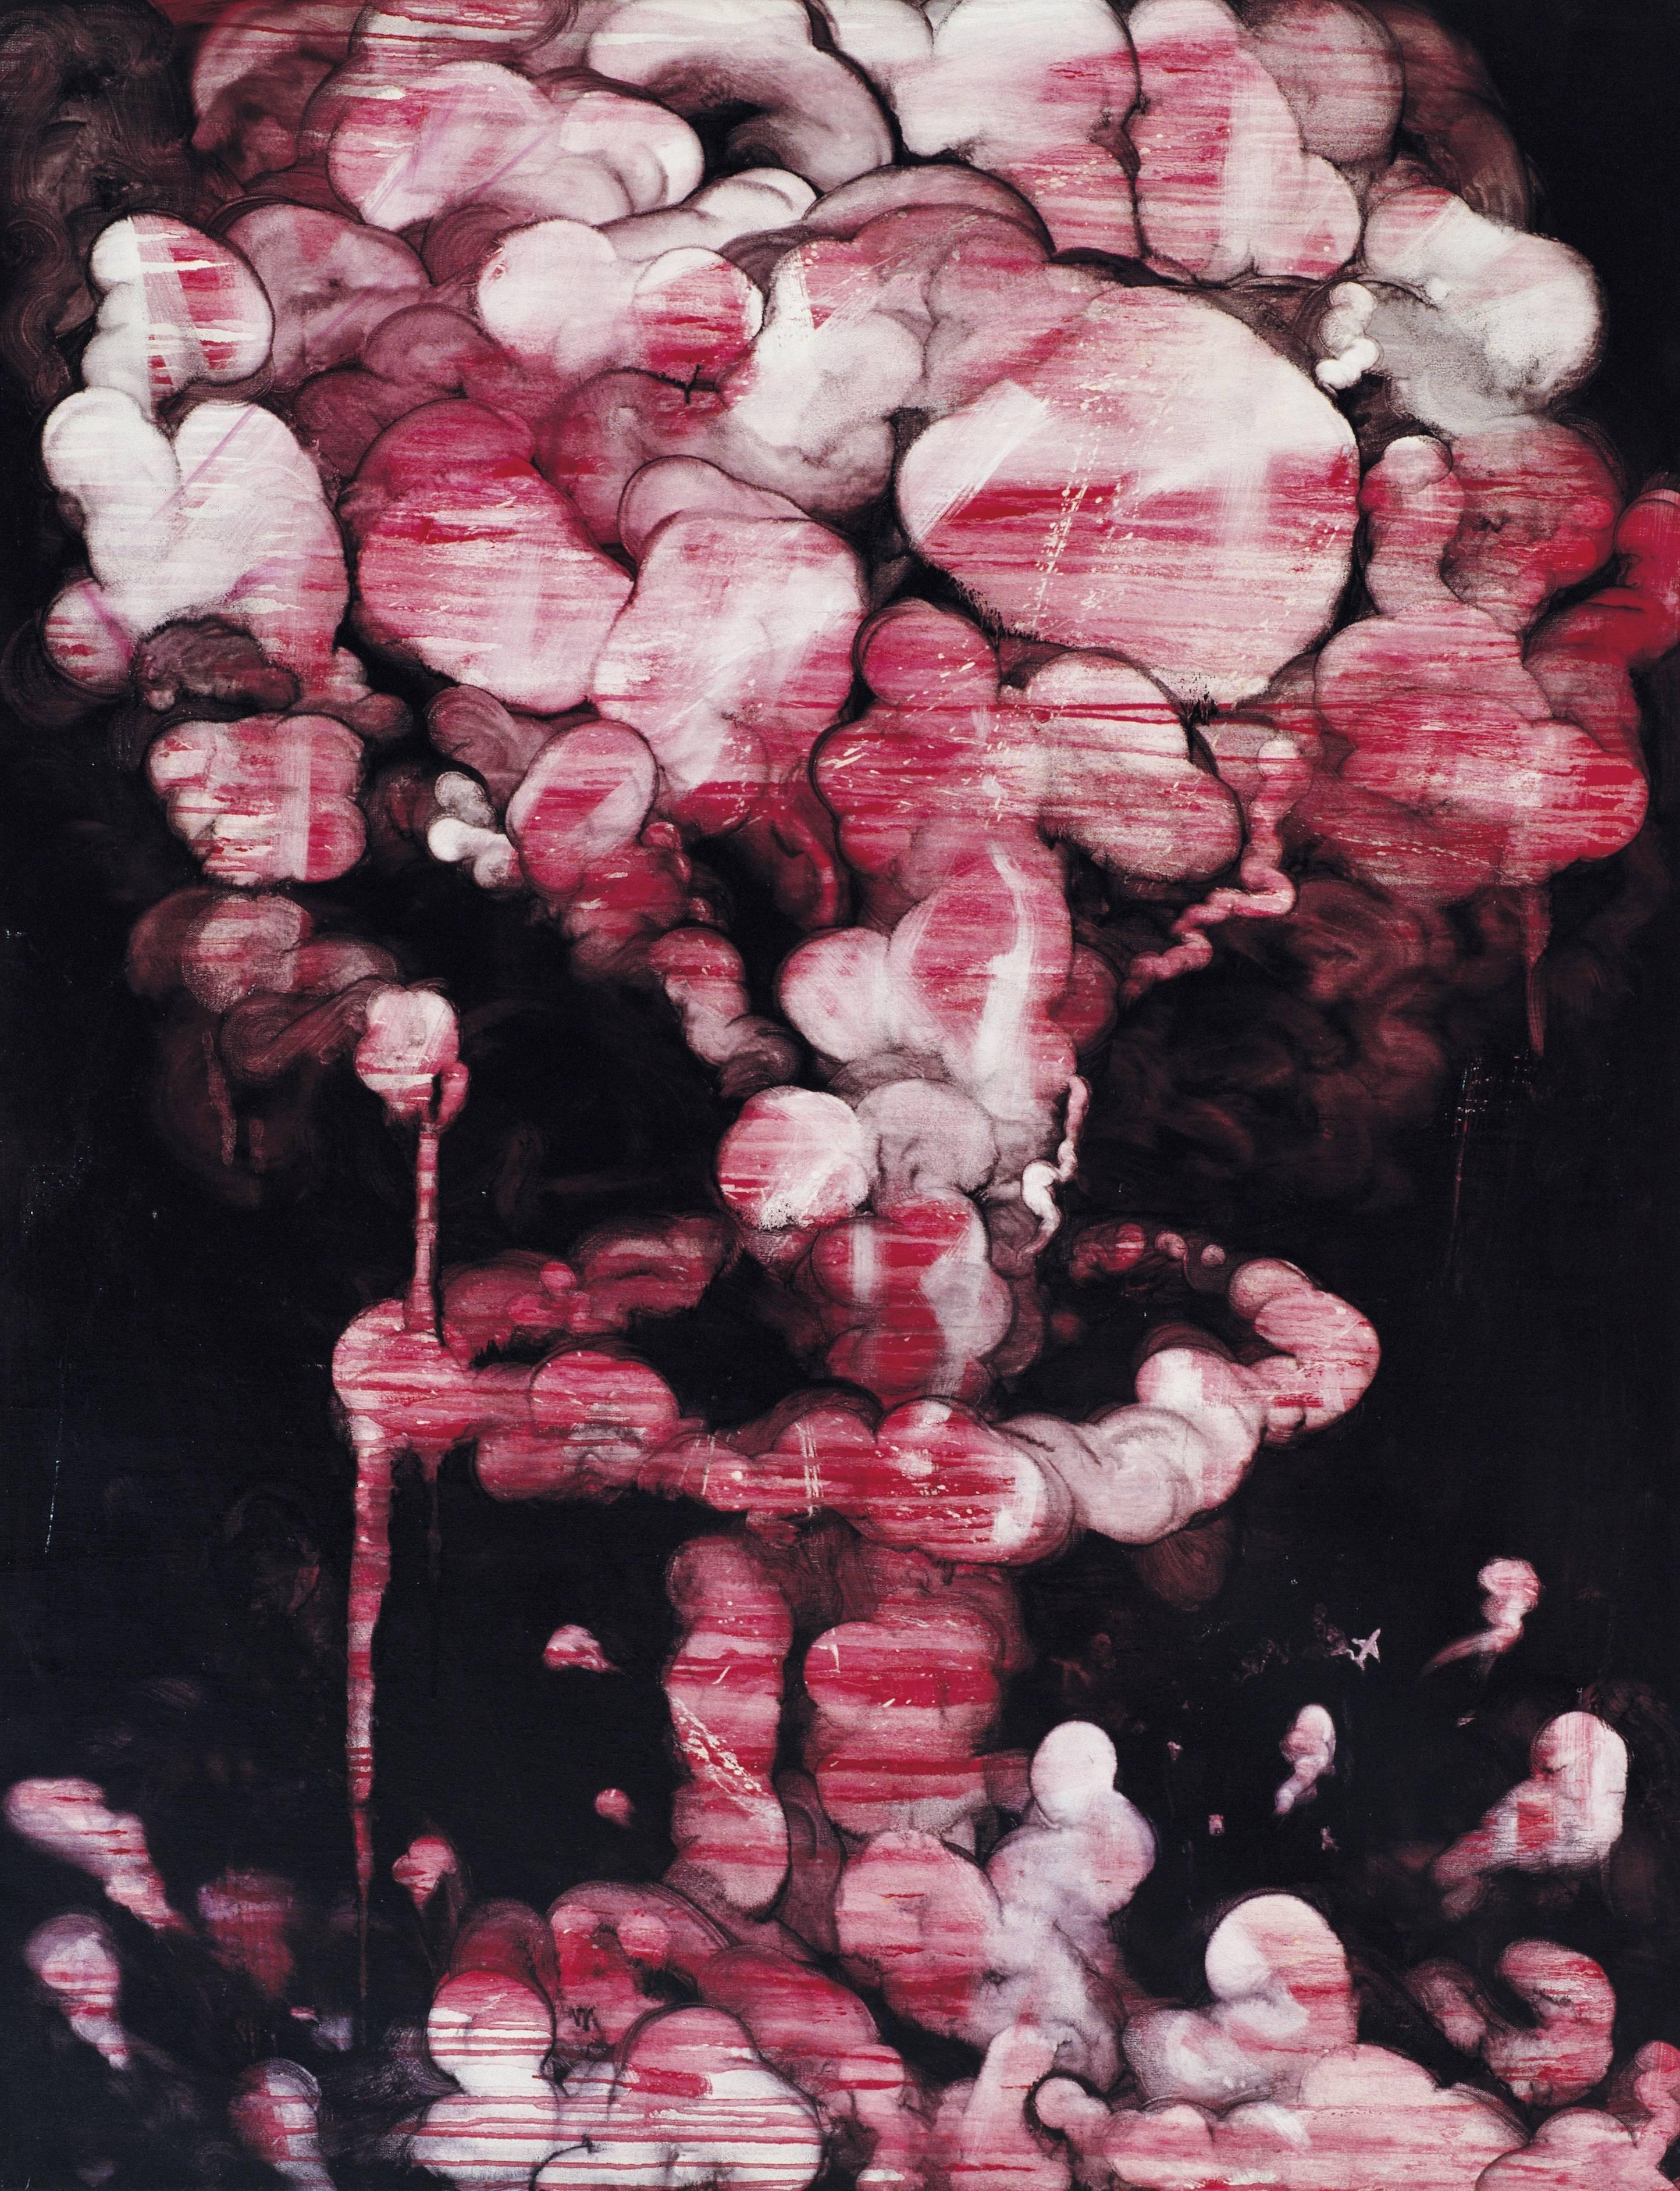 常陵|五花肉系列-肉兵器-肉核彈|2007|油彩|146x112cm